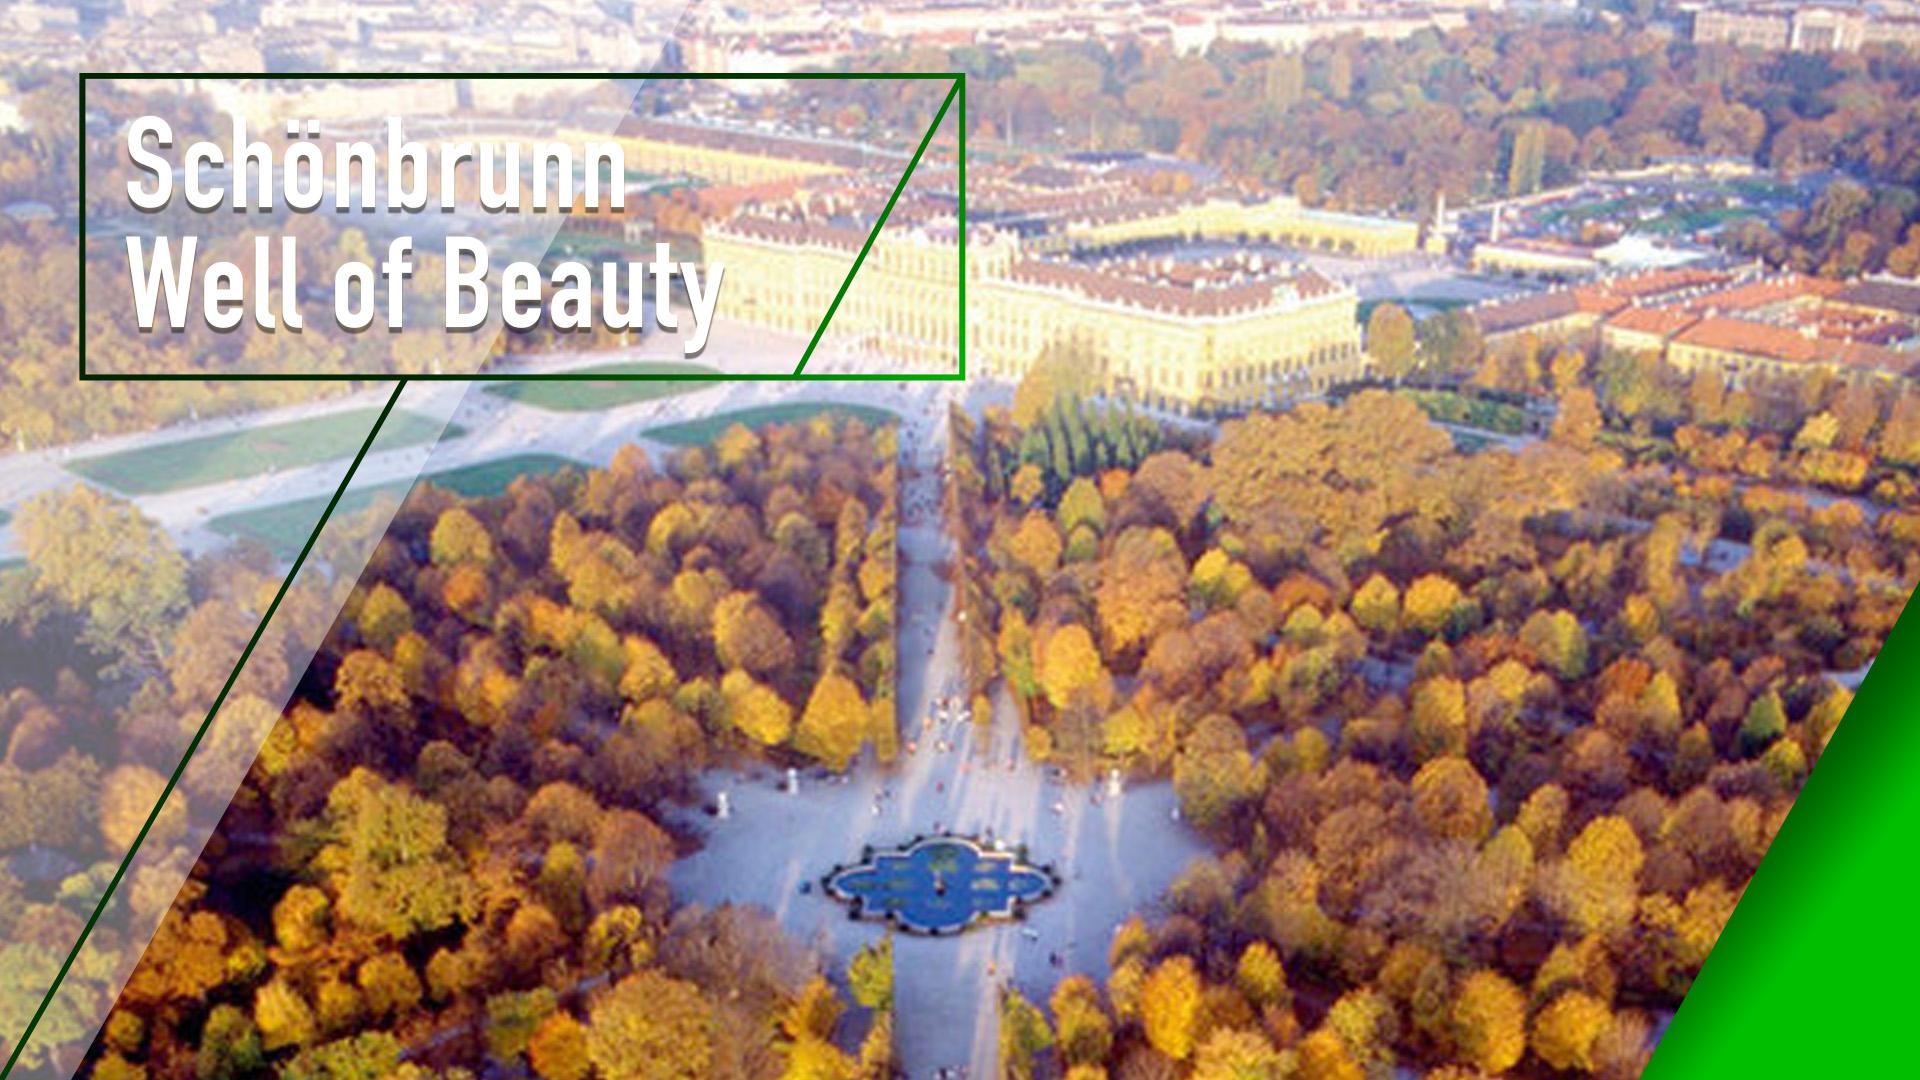 Schönbrunn  - Well of Beauty